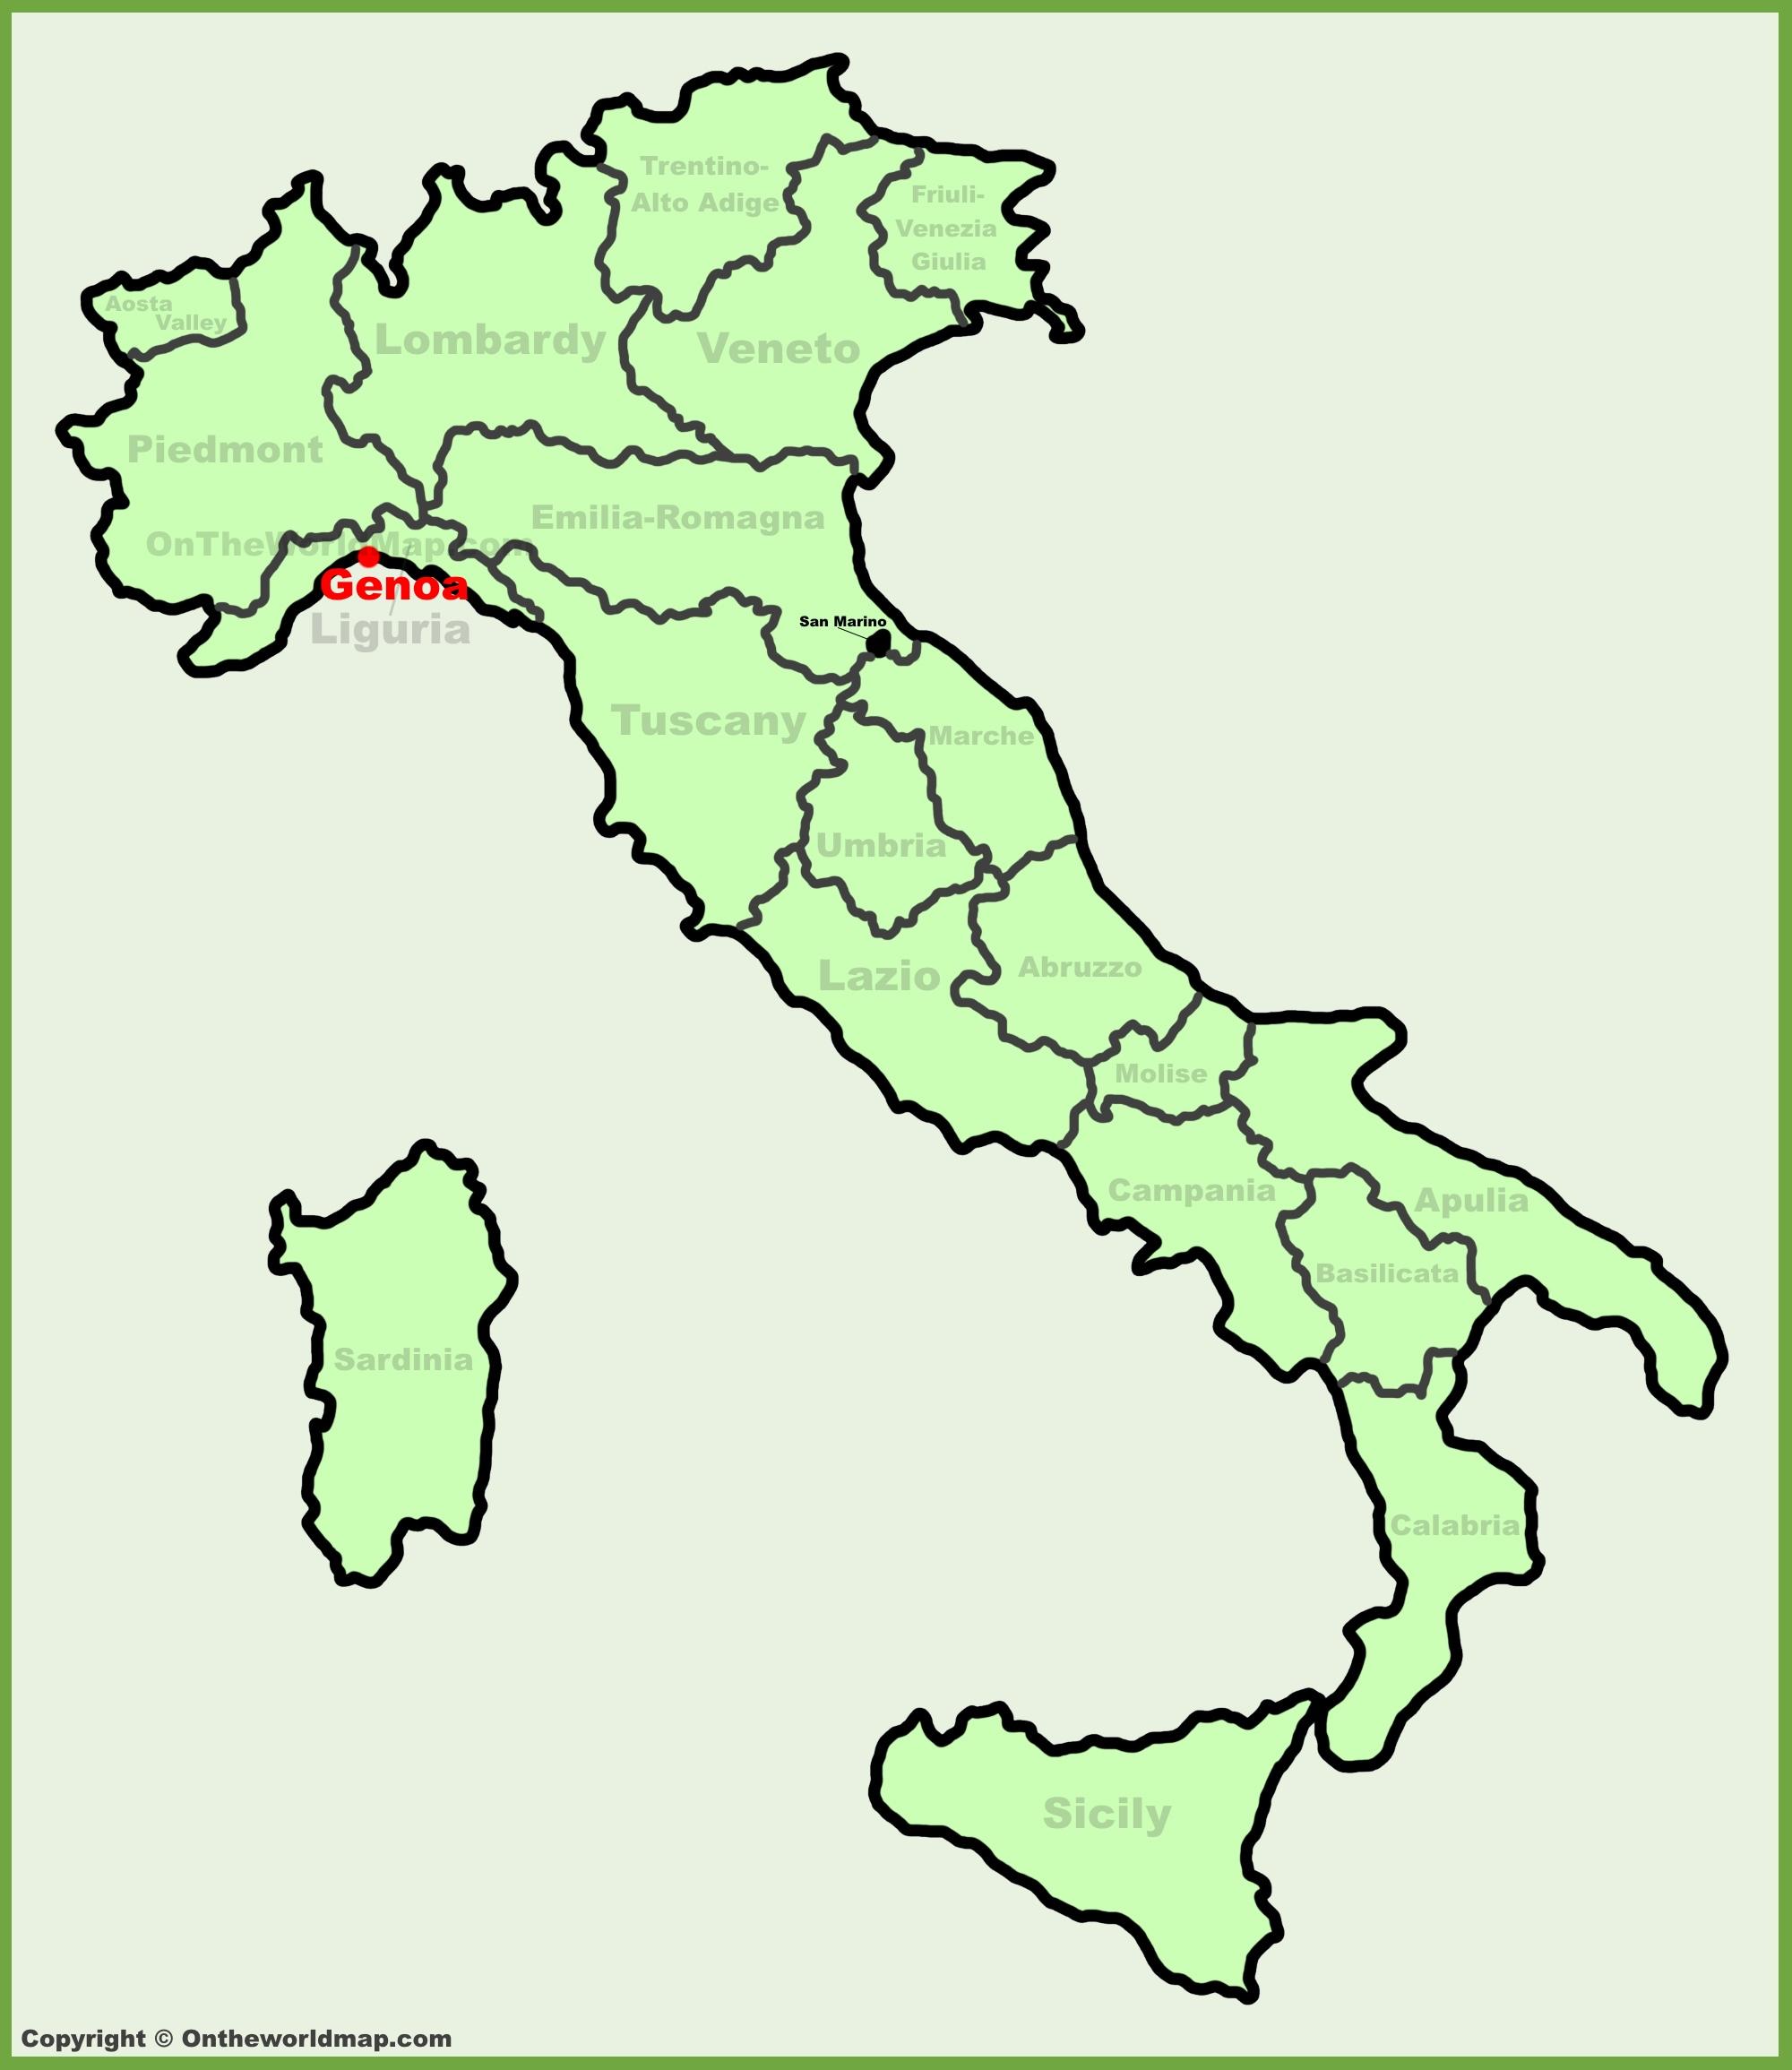 Genoa Italy Map Genoa location on the Italy map